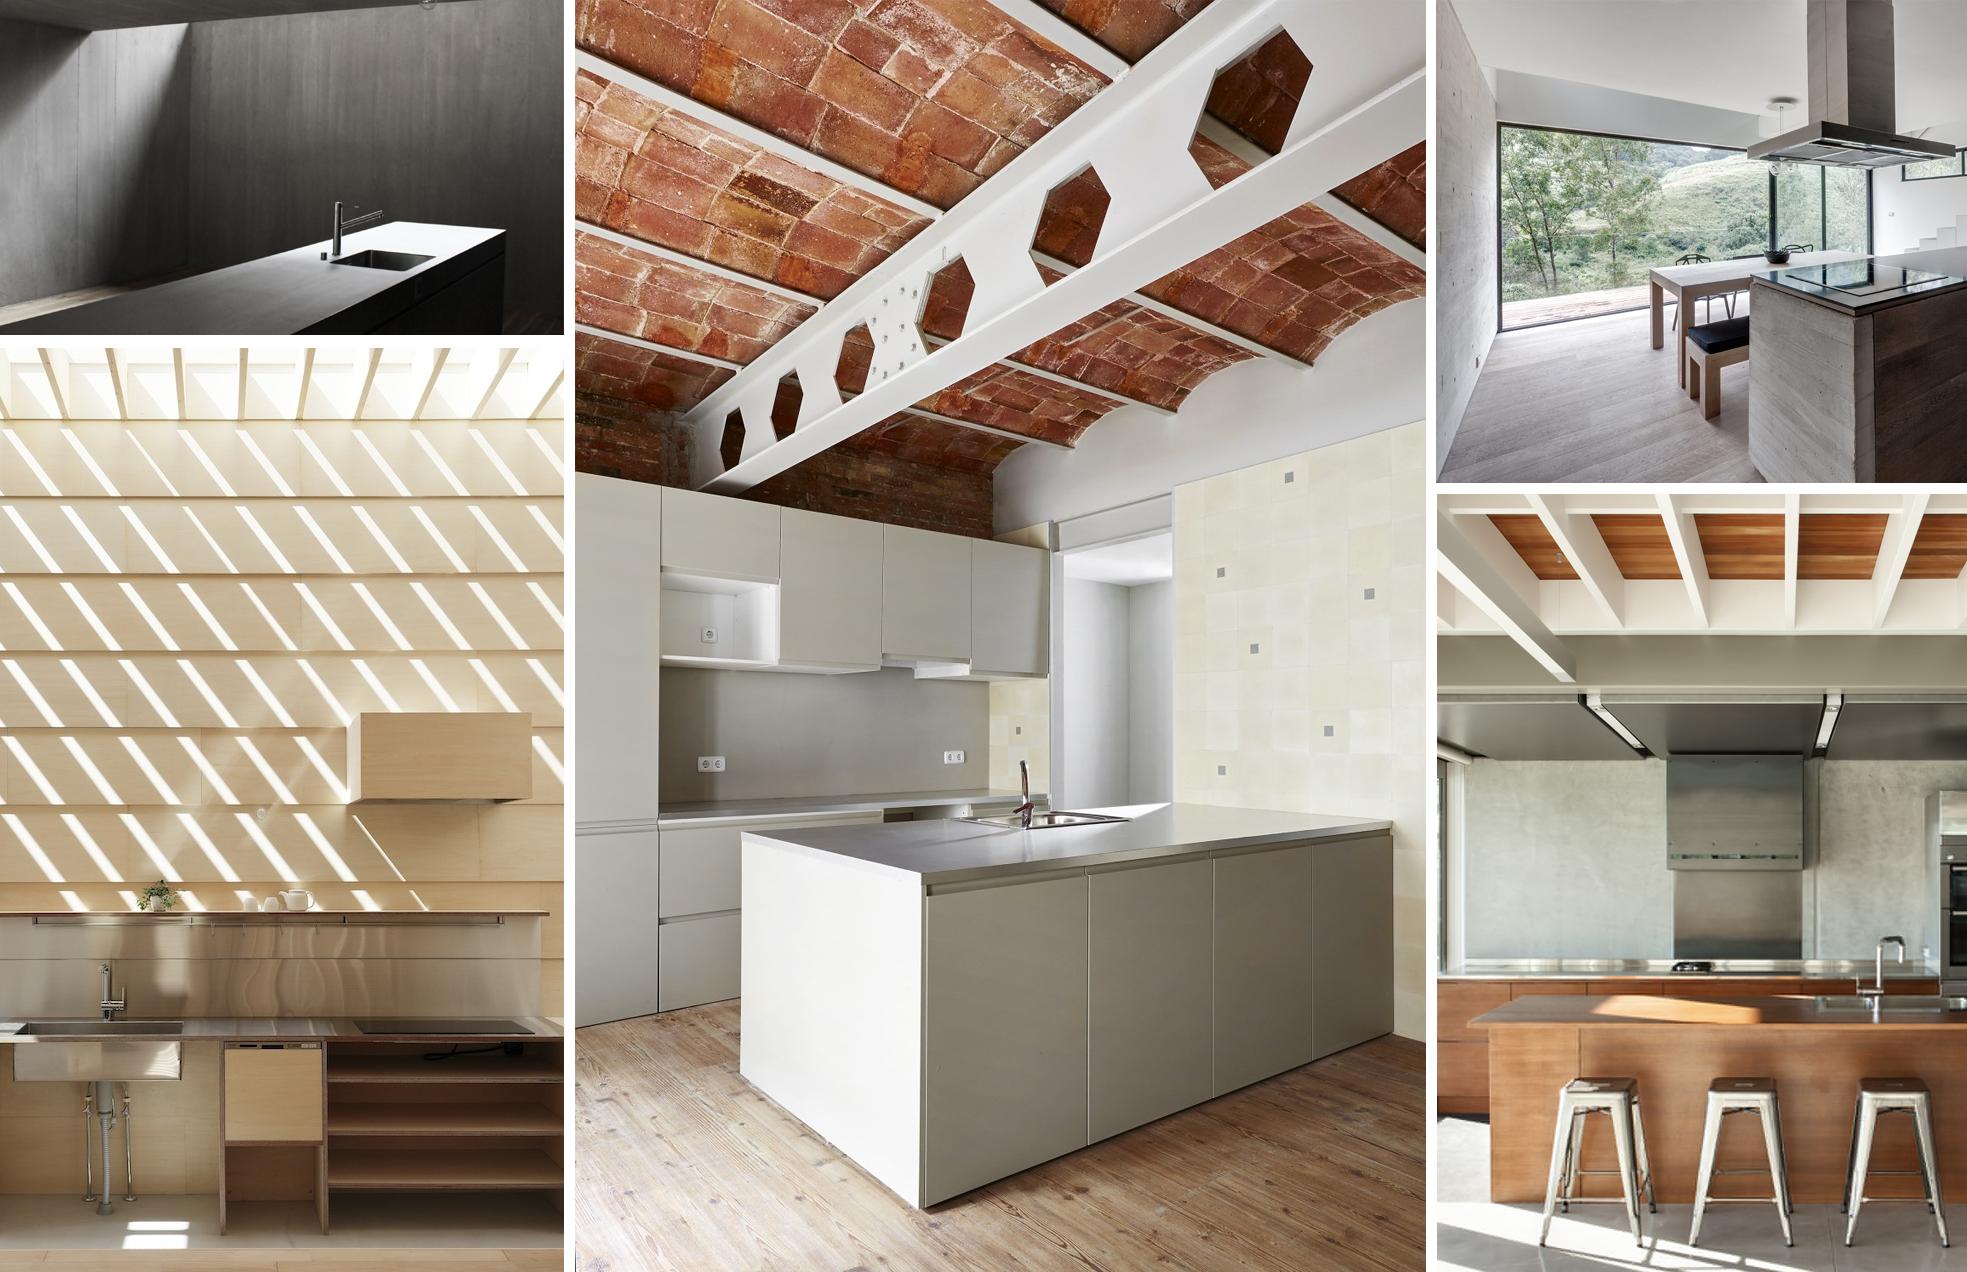 Galería de Cocinas: arquitectura y ejemplos de diseño - 1